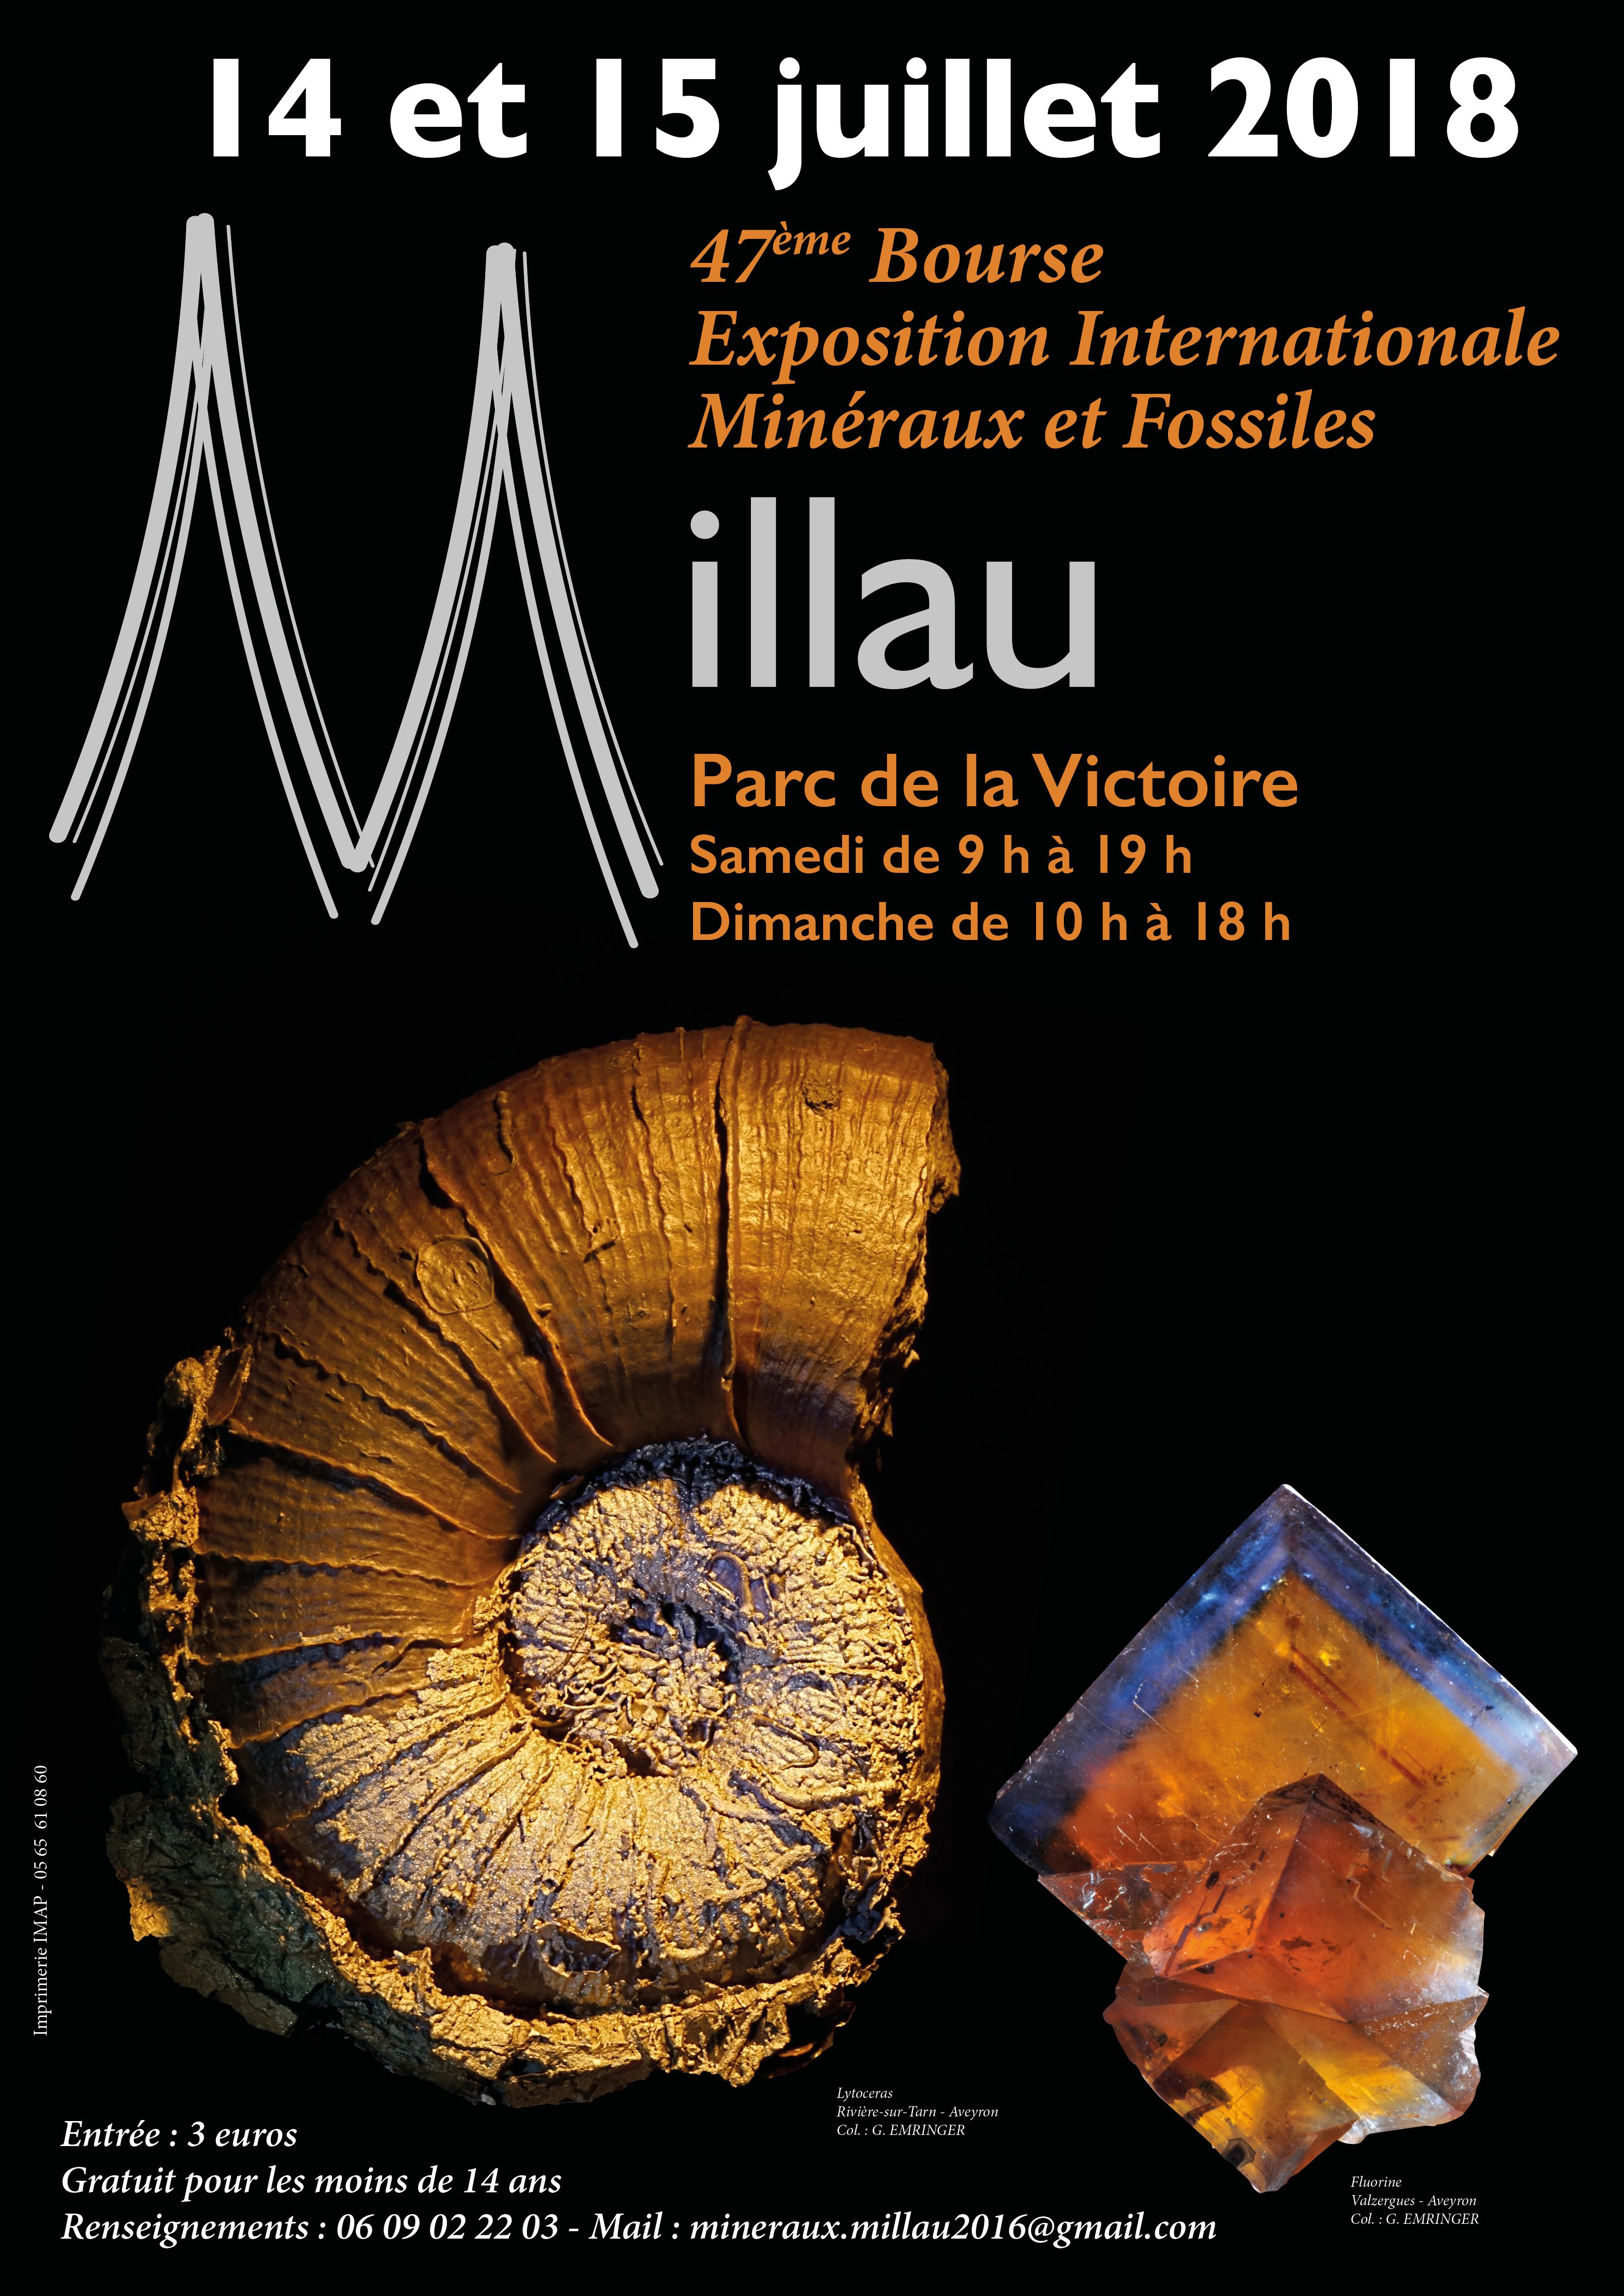 EXPOSITION INTERNATIONALE MINÉRAUX ET FOSSILES